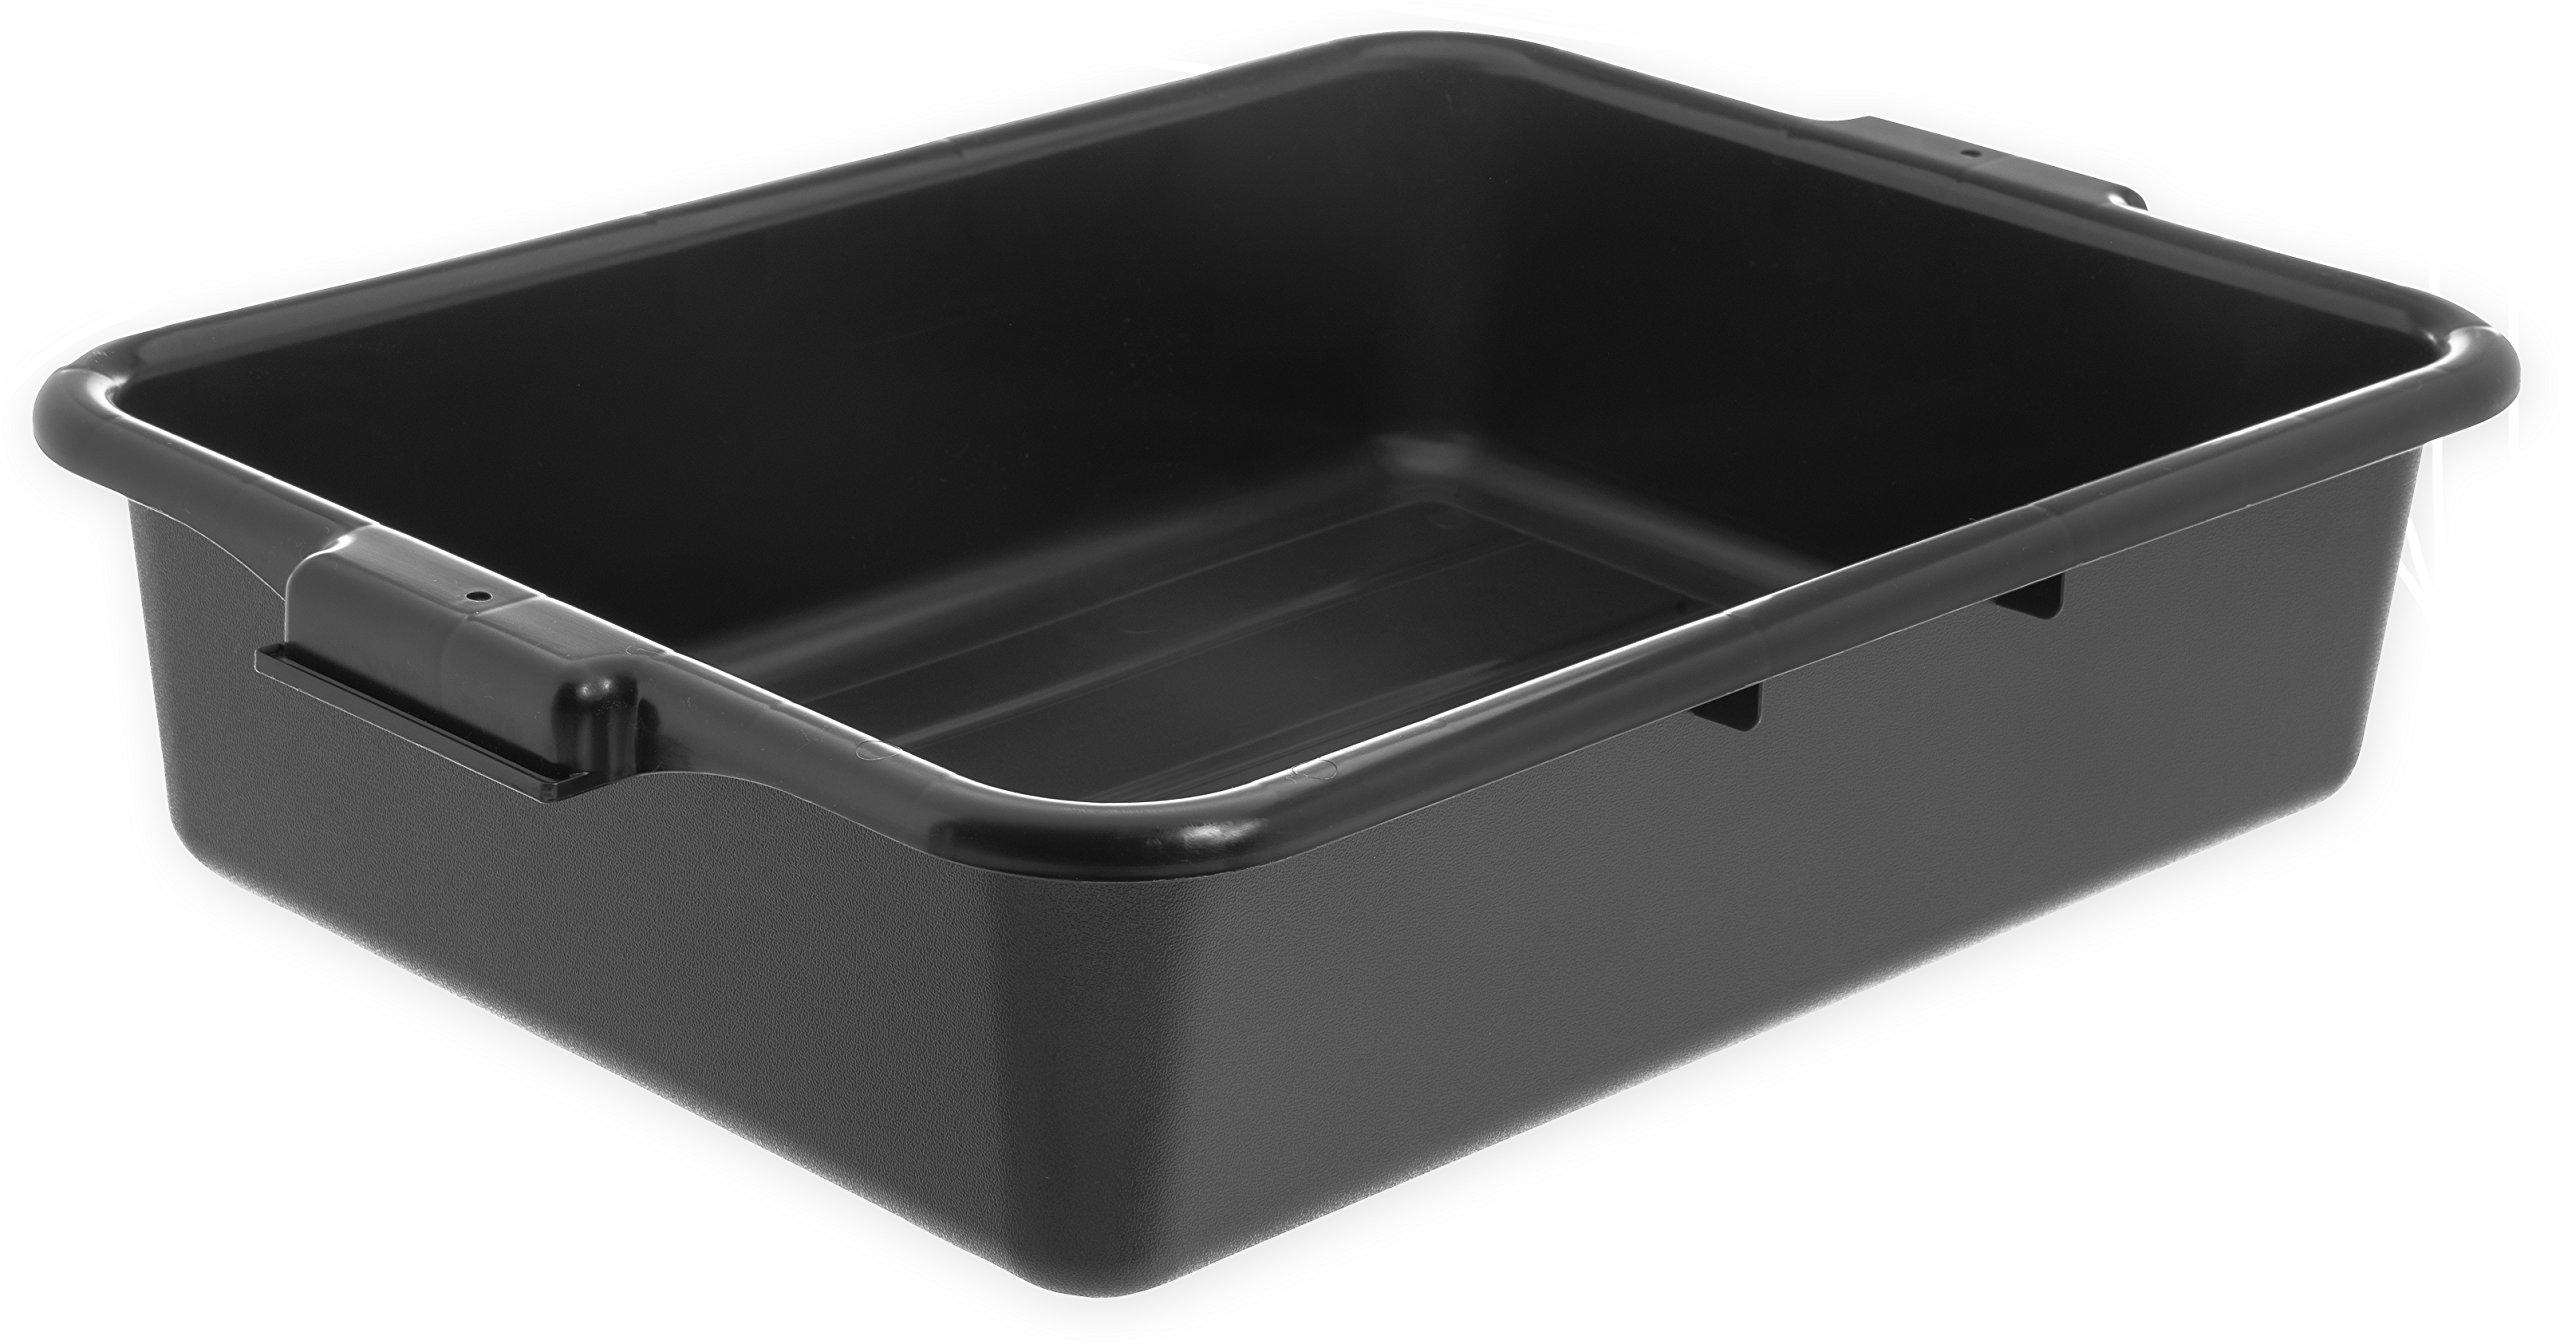 Carlisle N4401003 Comfort Curve Bus Box/Tote Box, 5'' Deep, Black (Pack of 12)